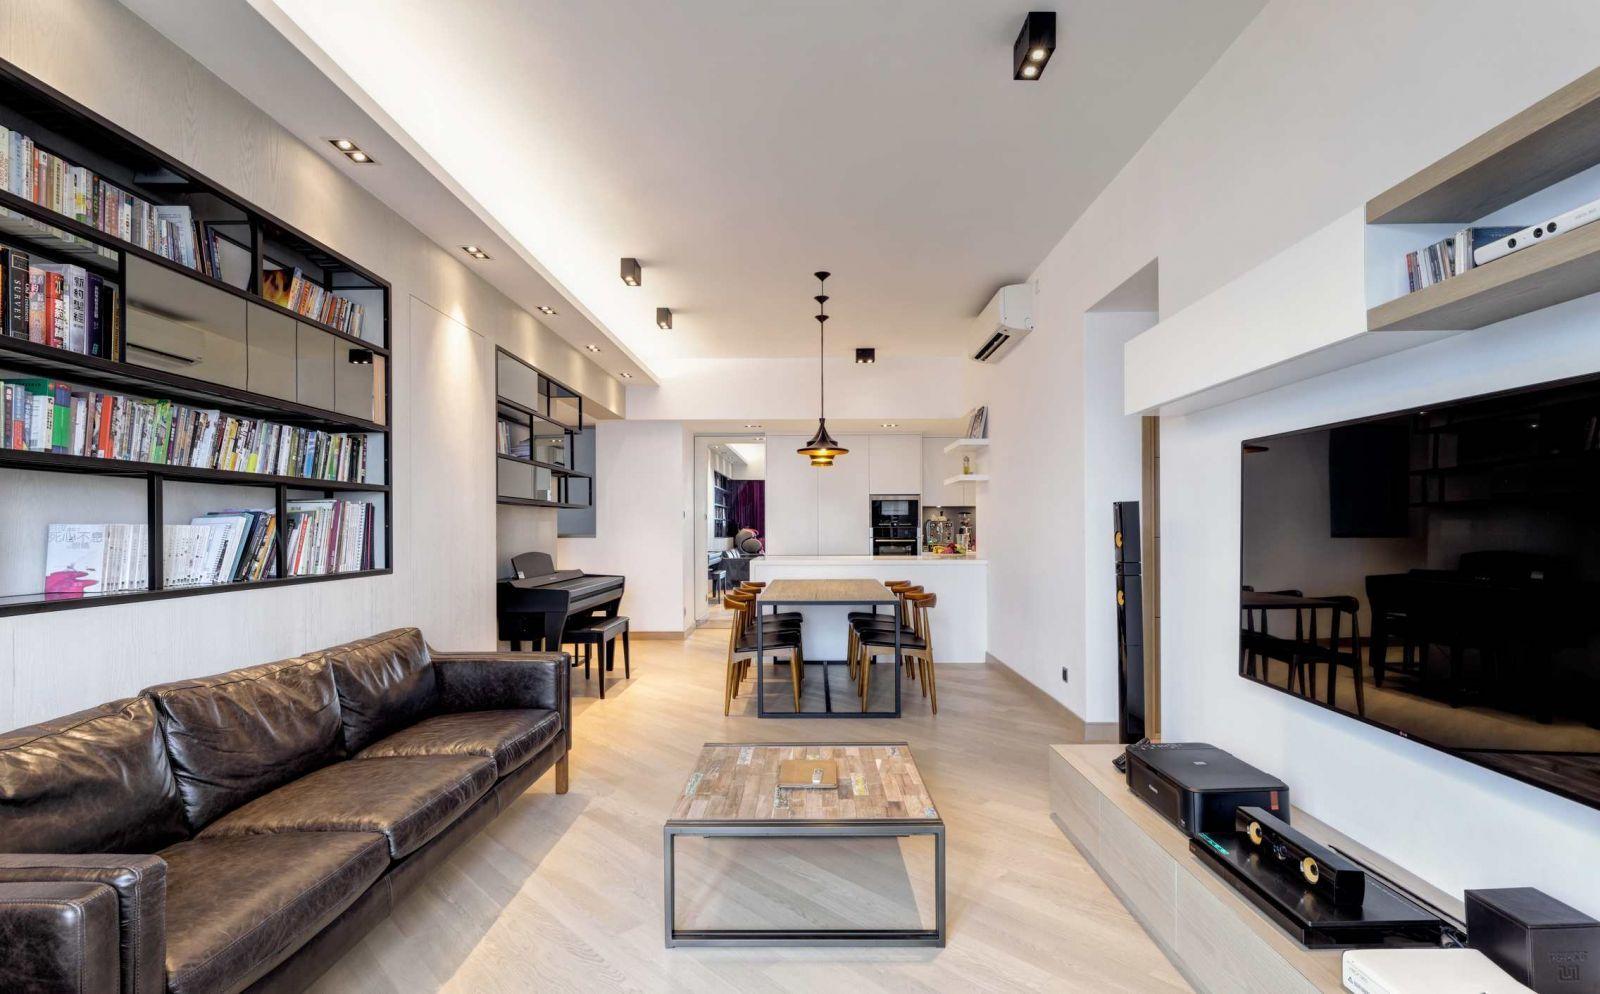 Функциональный дизайн двухкомнатной квартиры